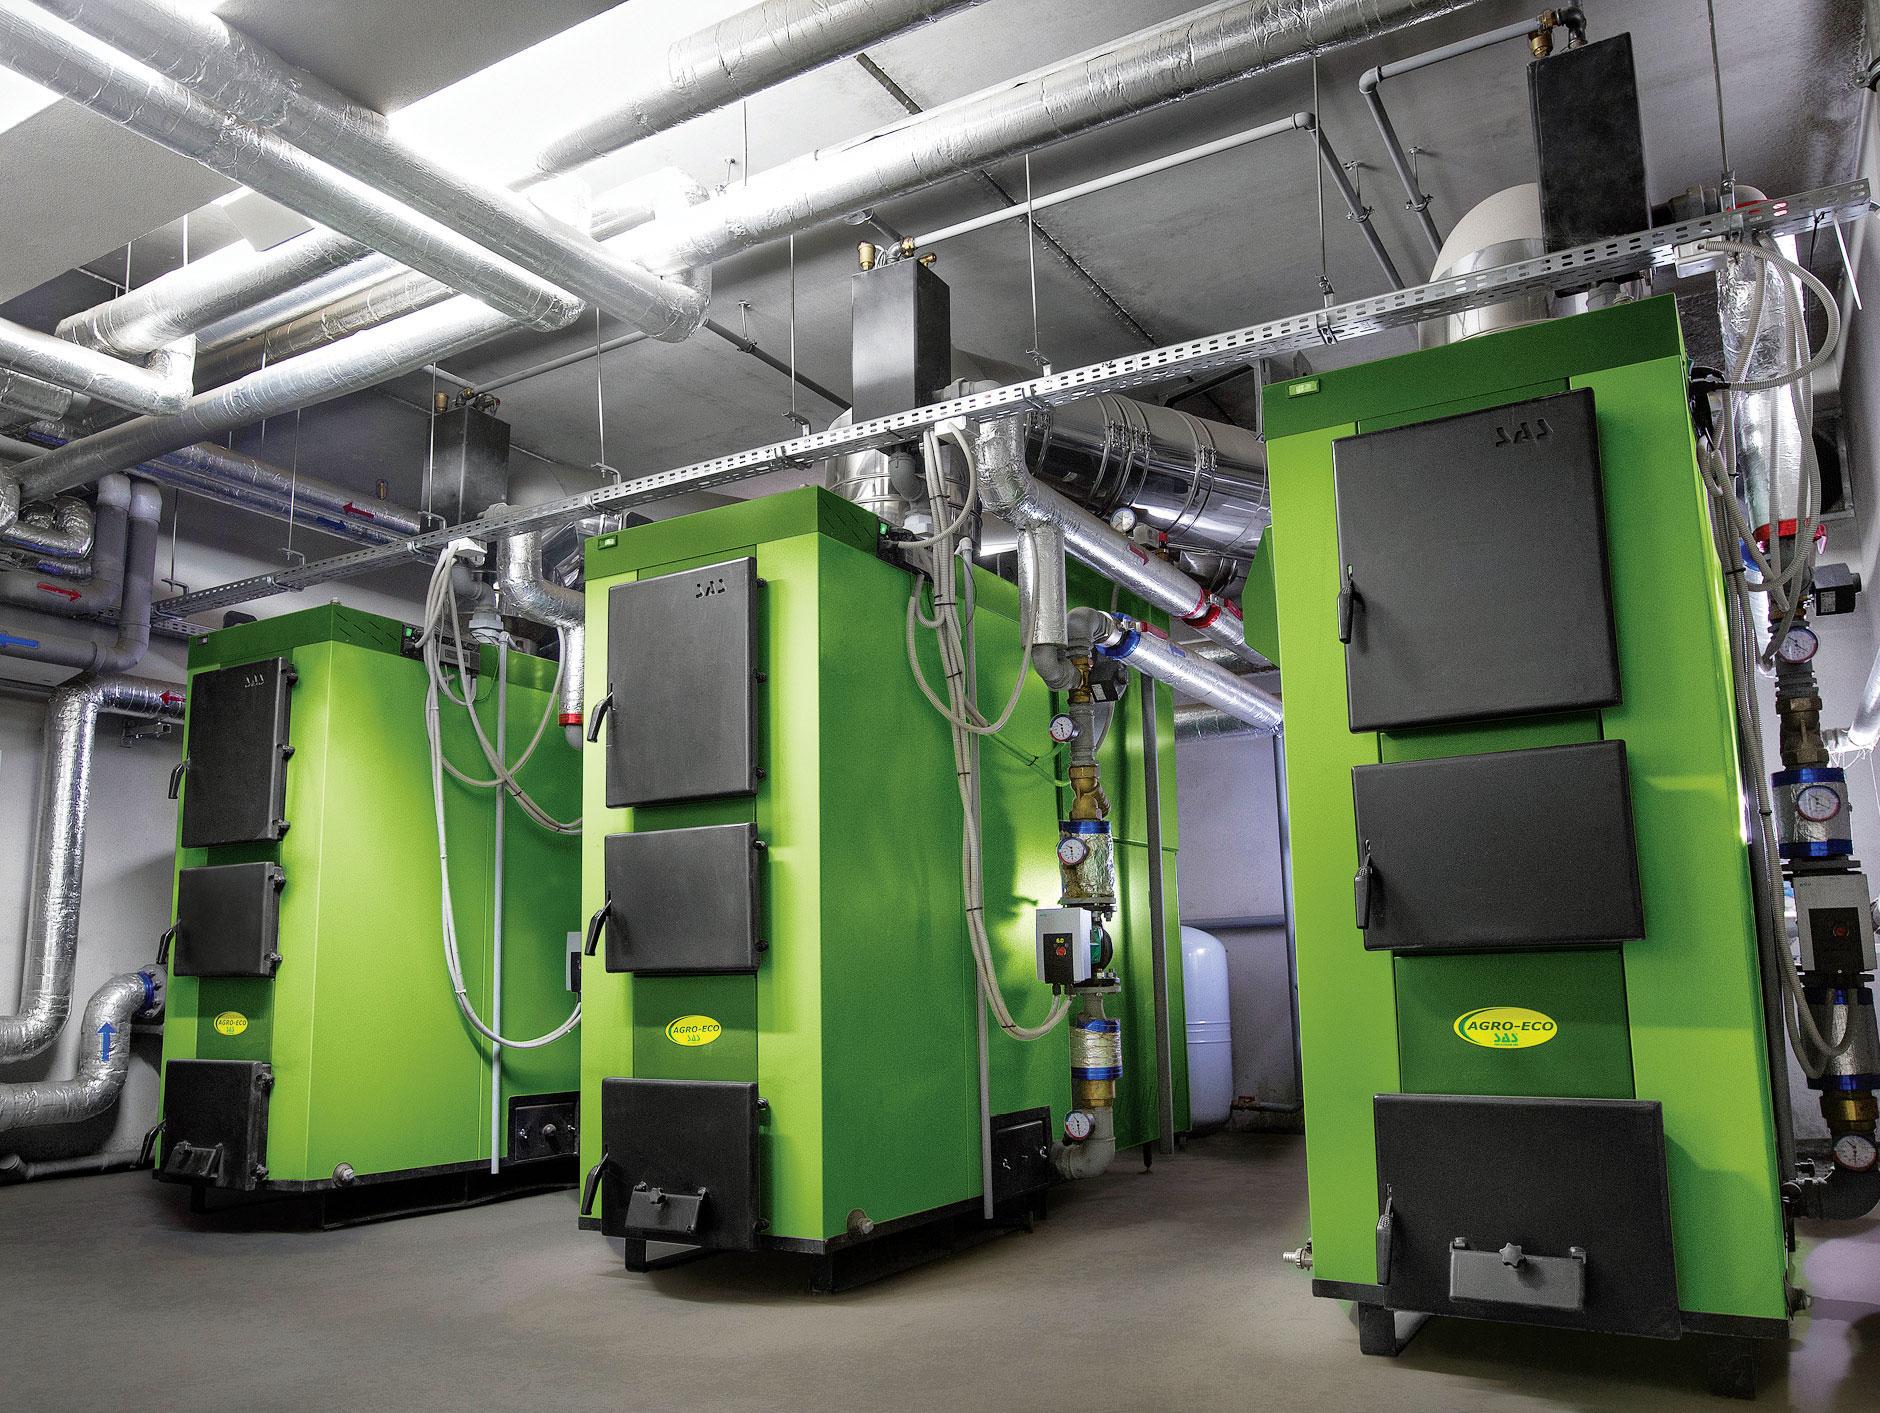 Fot. 3. Kotły pelletowe są coraz częściej wykorzystane w dużych obiektach, np. domach wielorodzinnych czy biurowcach. Fot. SAS